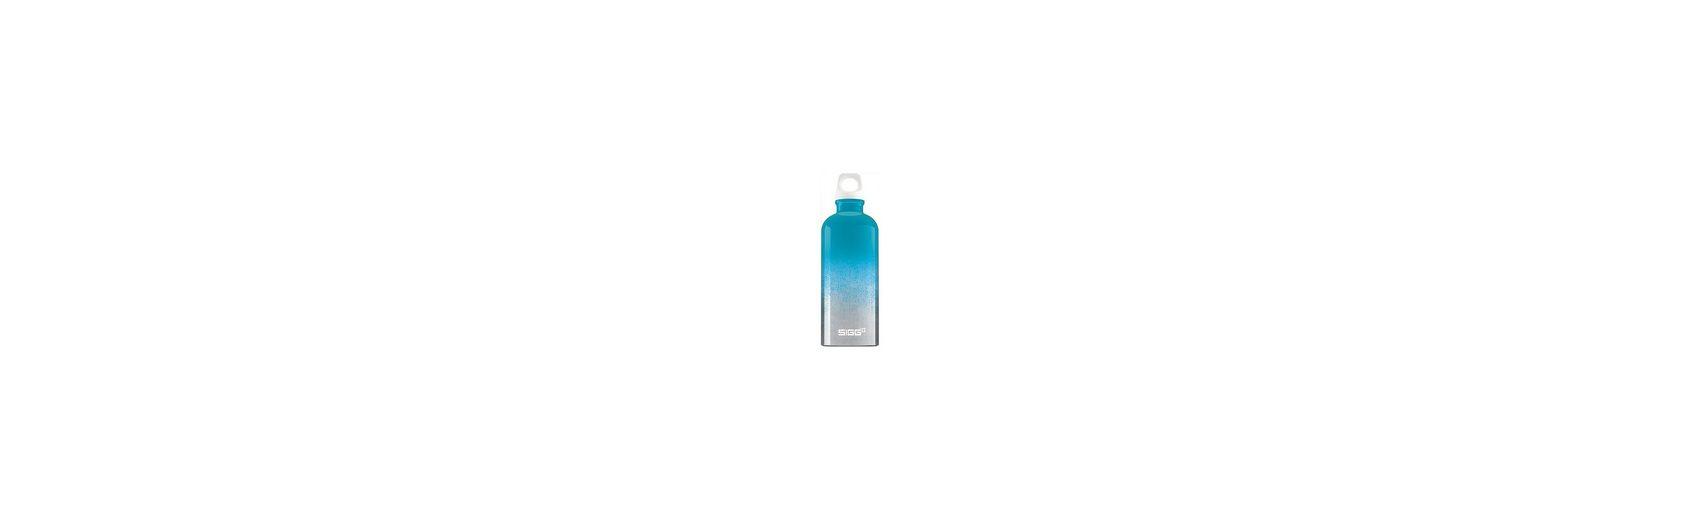 SIGG Alu-Trinkflasche Crazy Blue, 600 ml